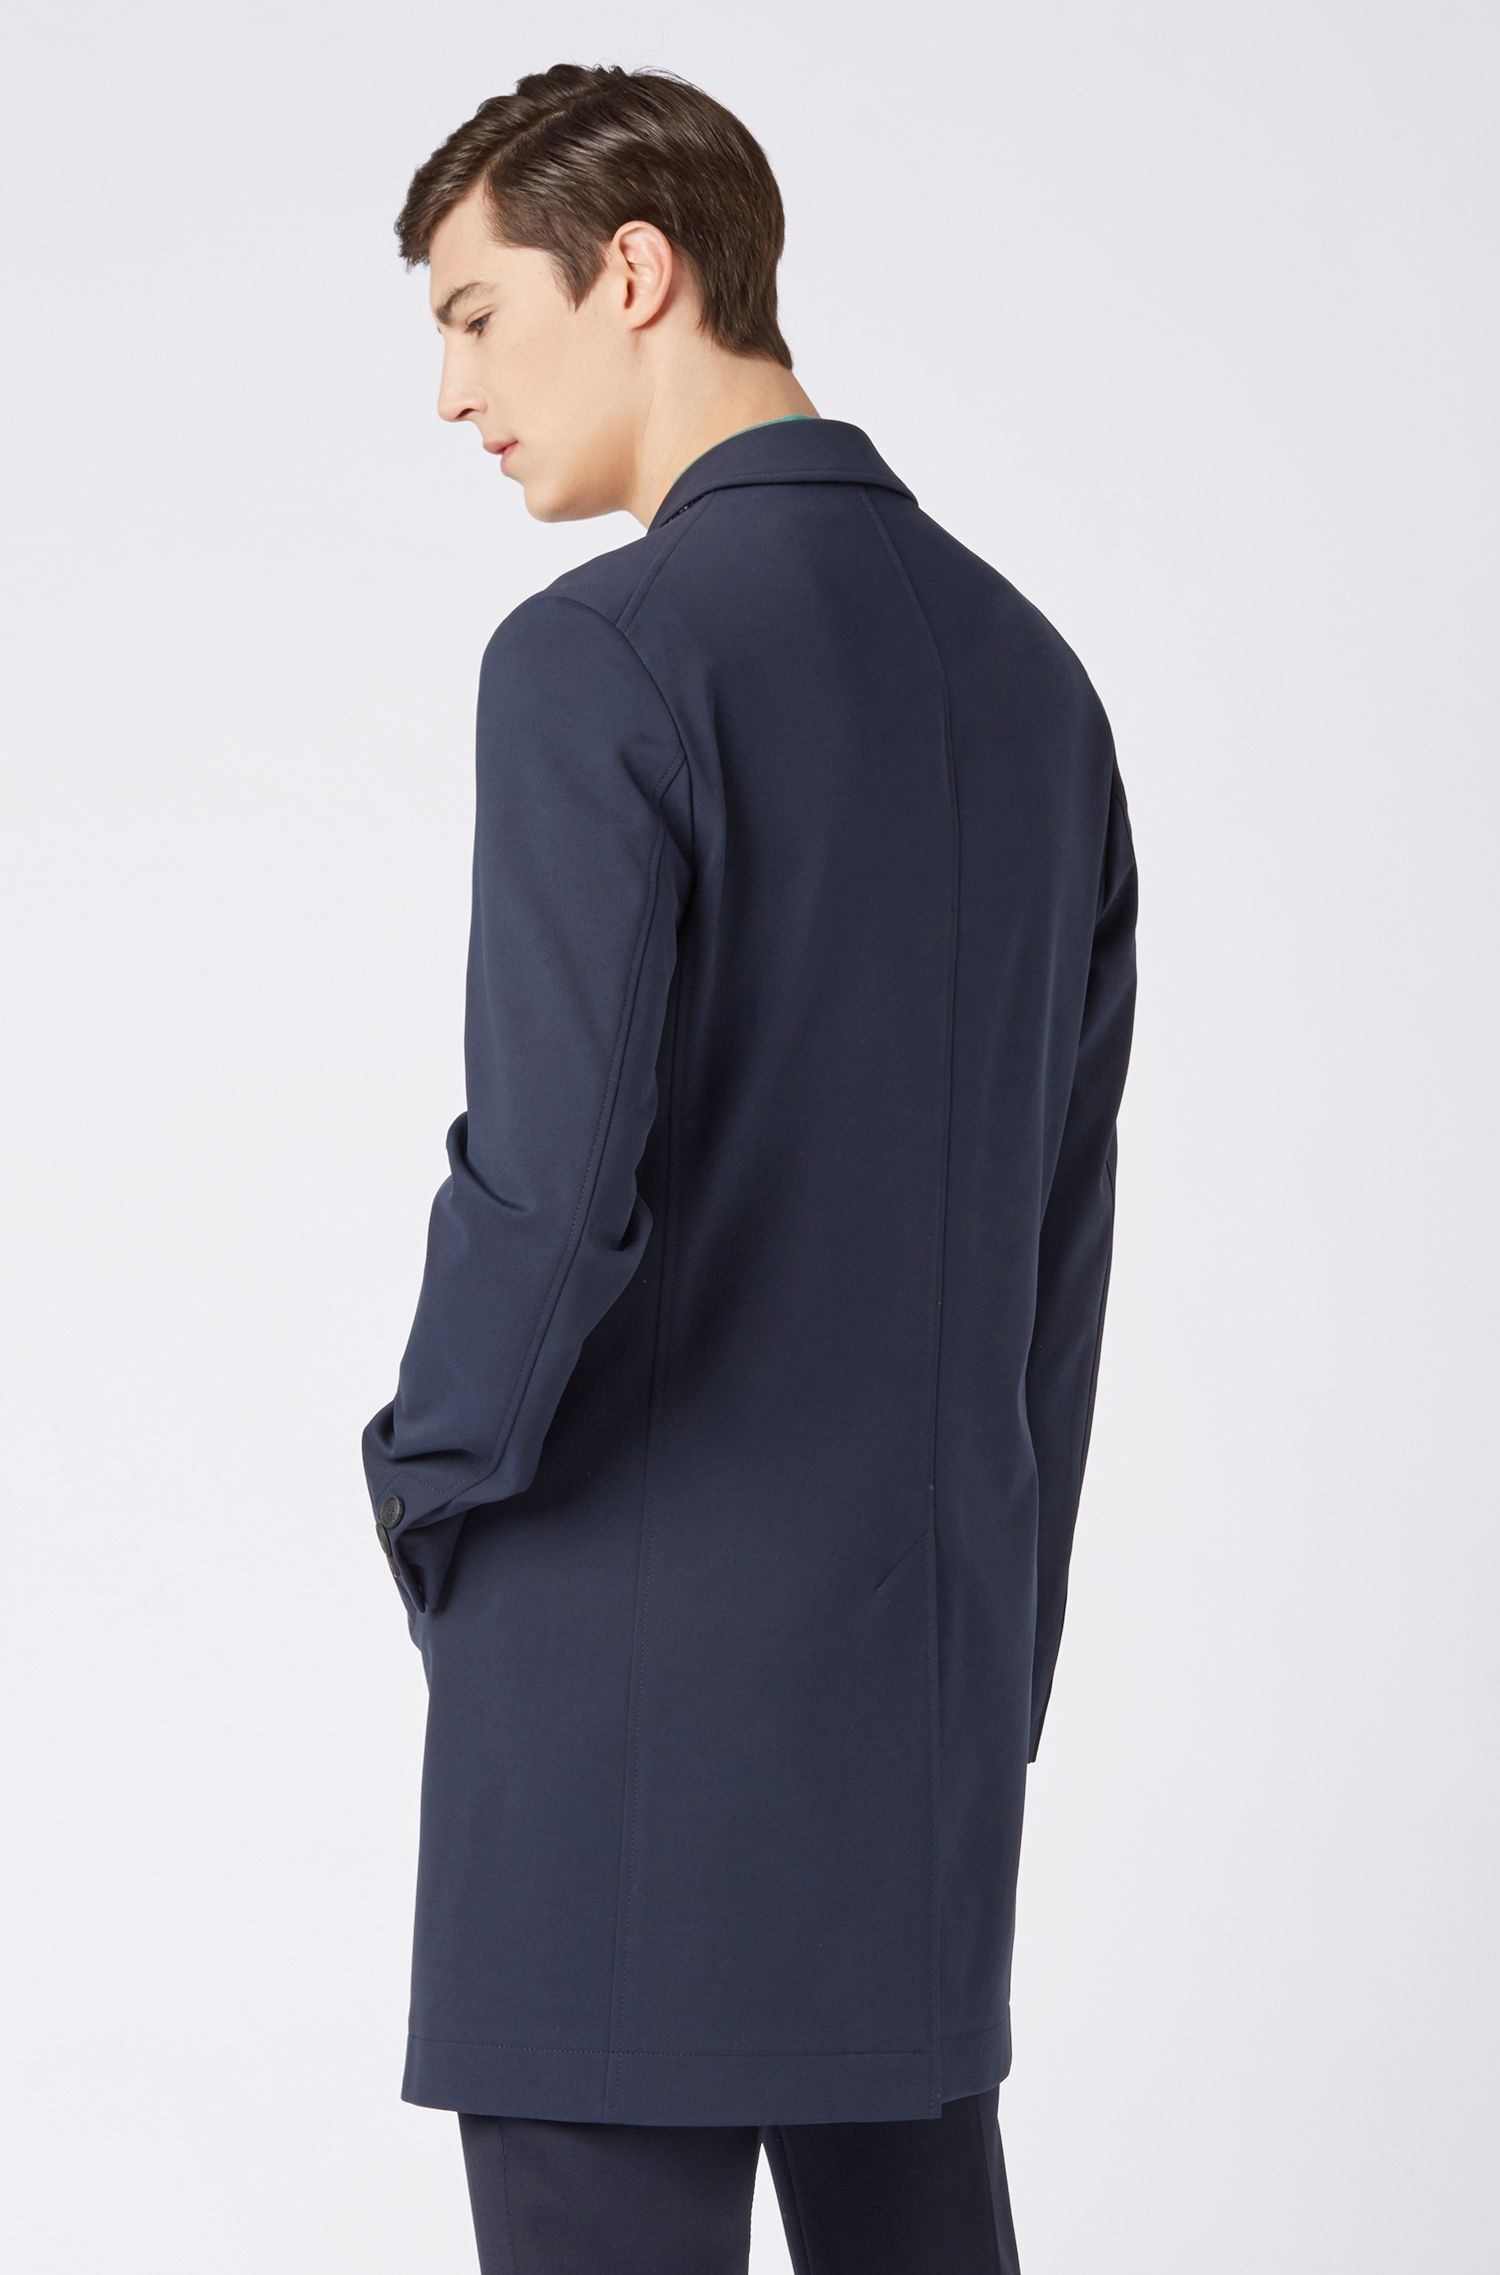 Hugo Boss - Slim-Fit Mantel mit karierter Kragenunterseite - 8